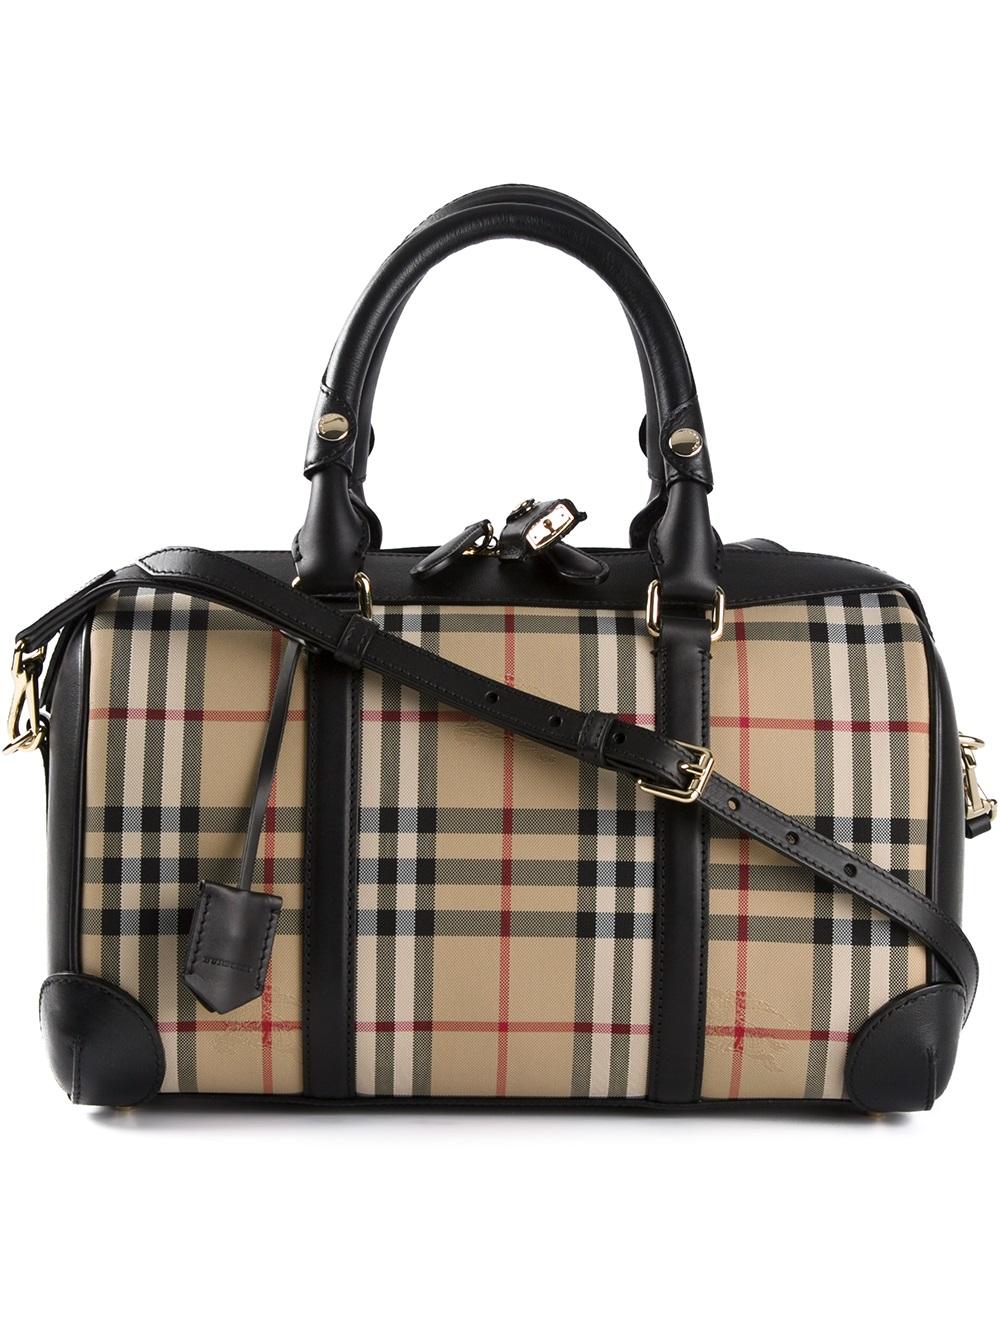 Burberry Alchester Bag in Black - Lyst dc09af18de3db